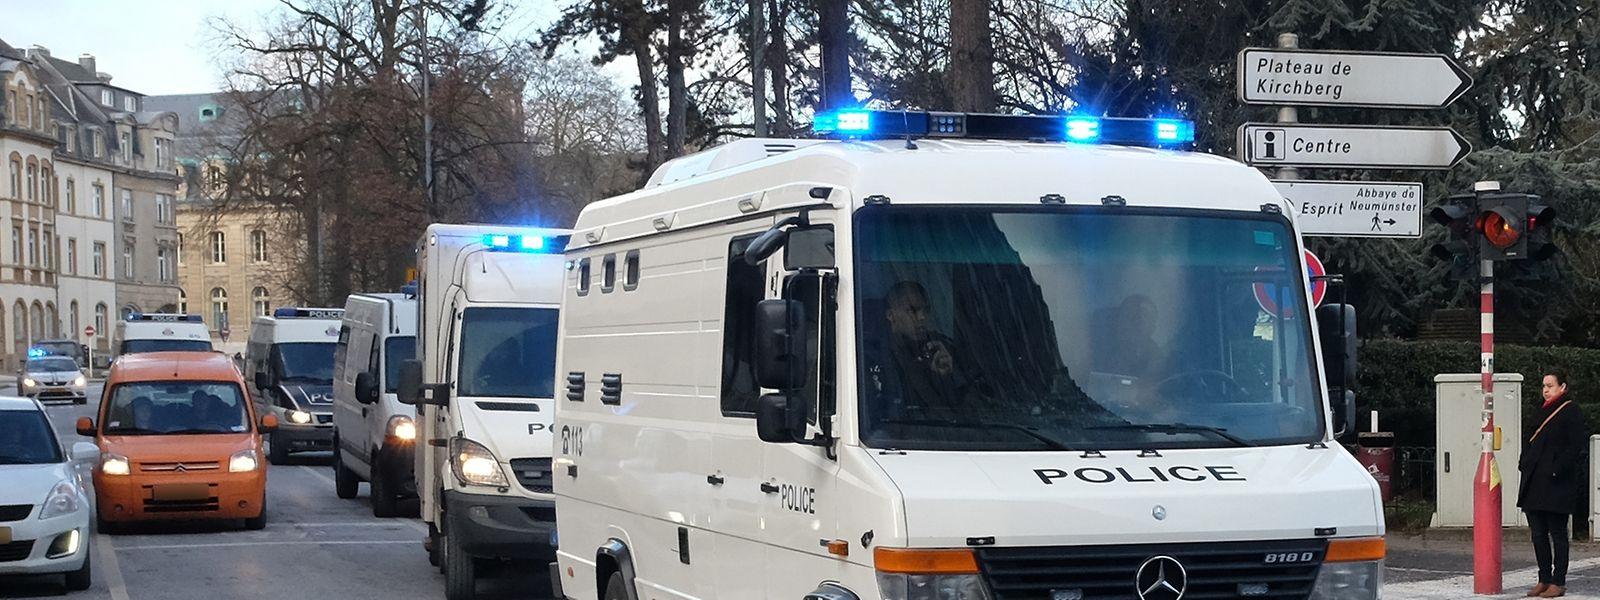 Die 21 Angeklagten werden im Gerichtssaal und auf der Fahrt von und nach Schrassig von zwei Mannschaften von jeweils rund 20 Polizisten bewacht.